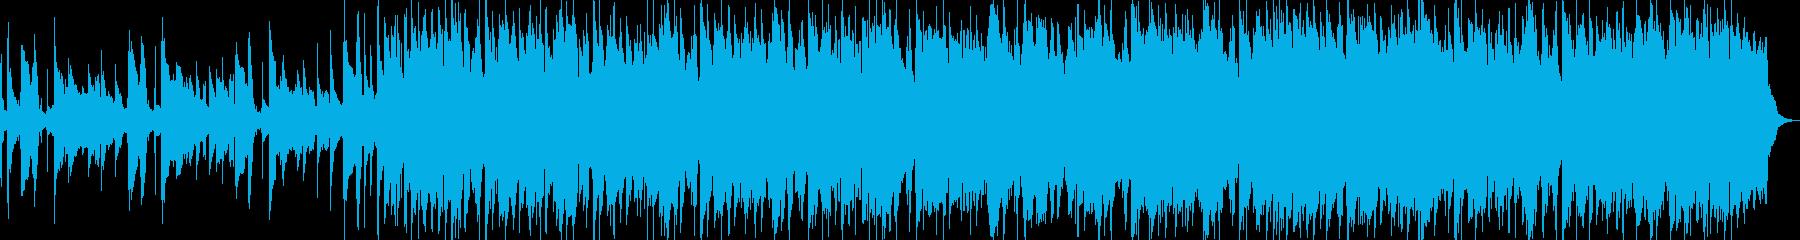 クラプトン風ギターインスト ブルージーの再生済みの波形